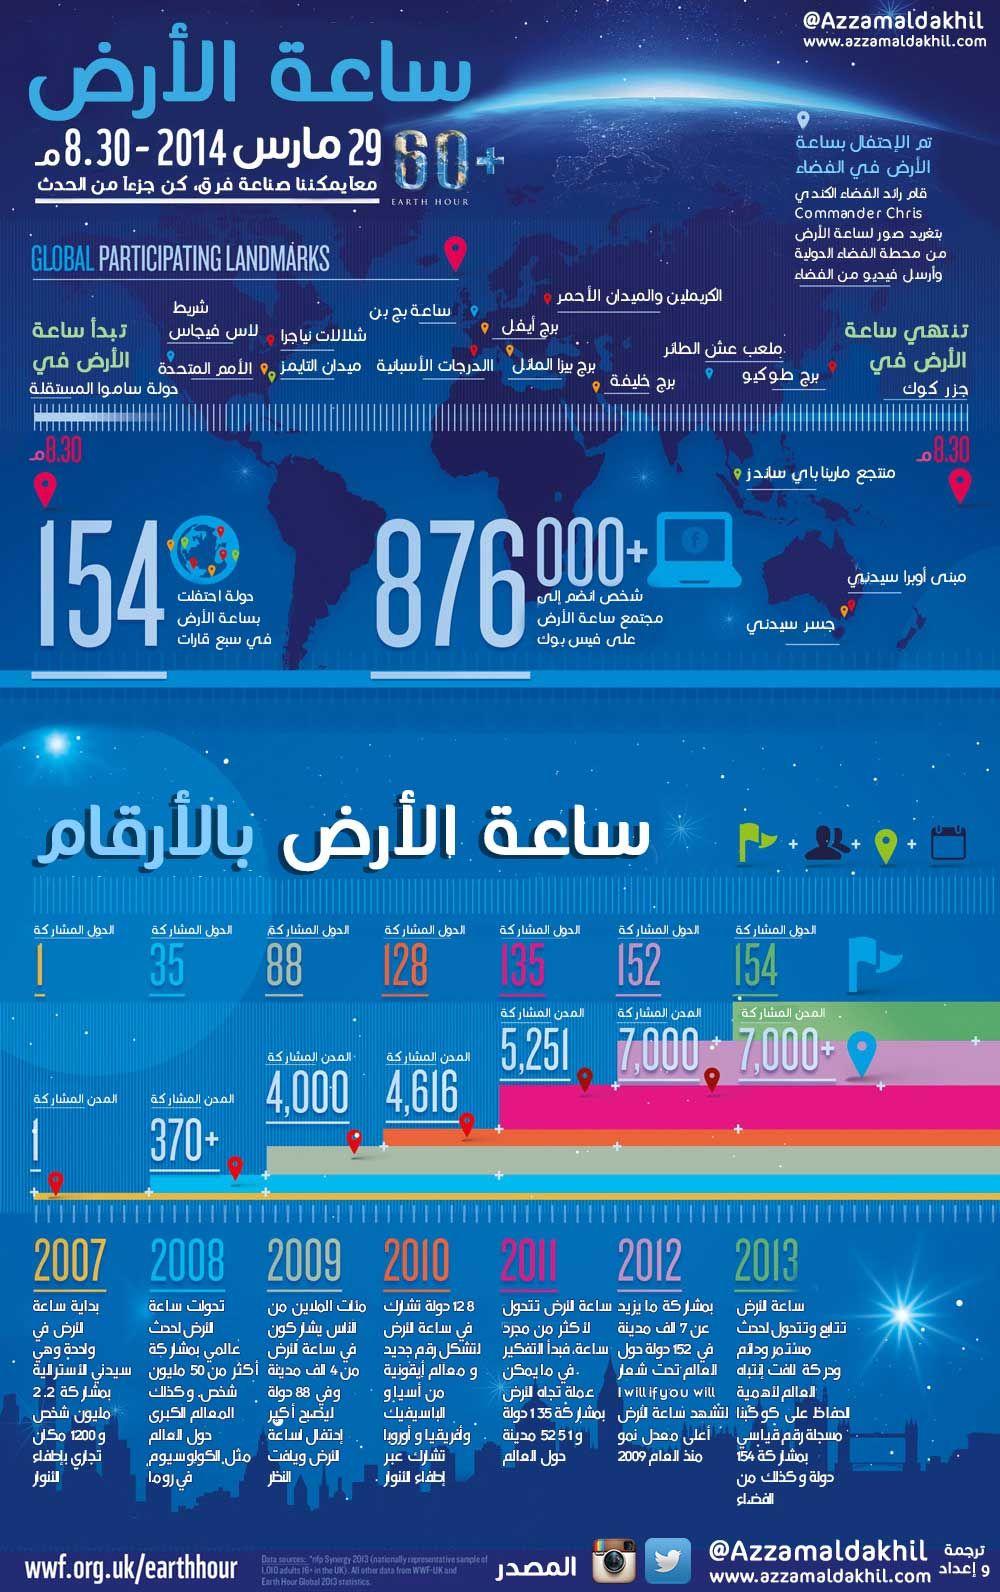 ساعة الأرض Http Azzamaldakhil Com Azzam 2014 03 27 D8 B3 D8 A7 D8 B9 D8 A9 D8 A7 D9 84 D8 A3 D8 B1 D8 B6 Infographic Info Education